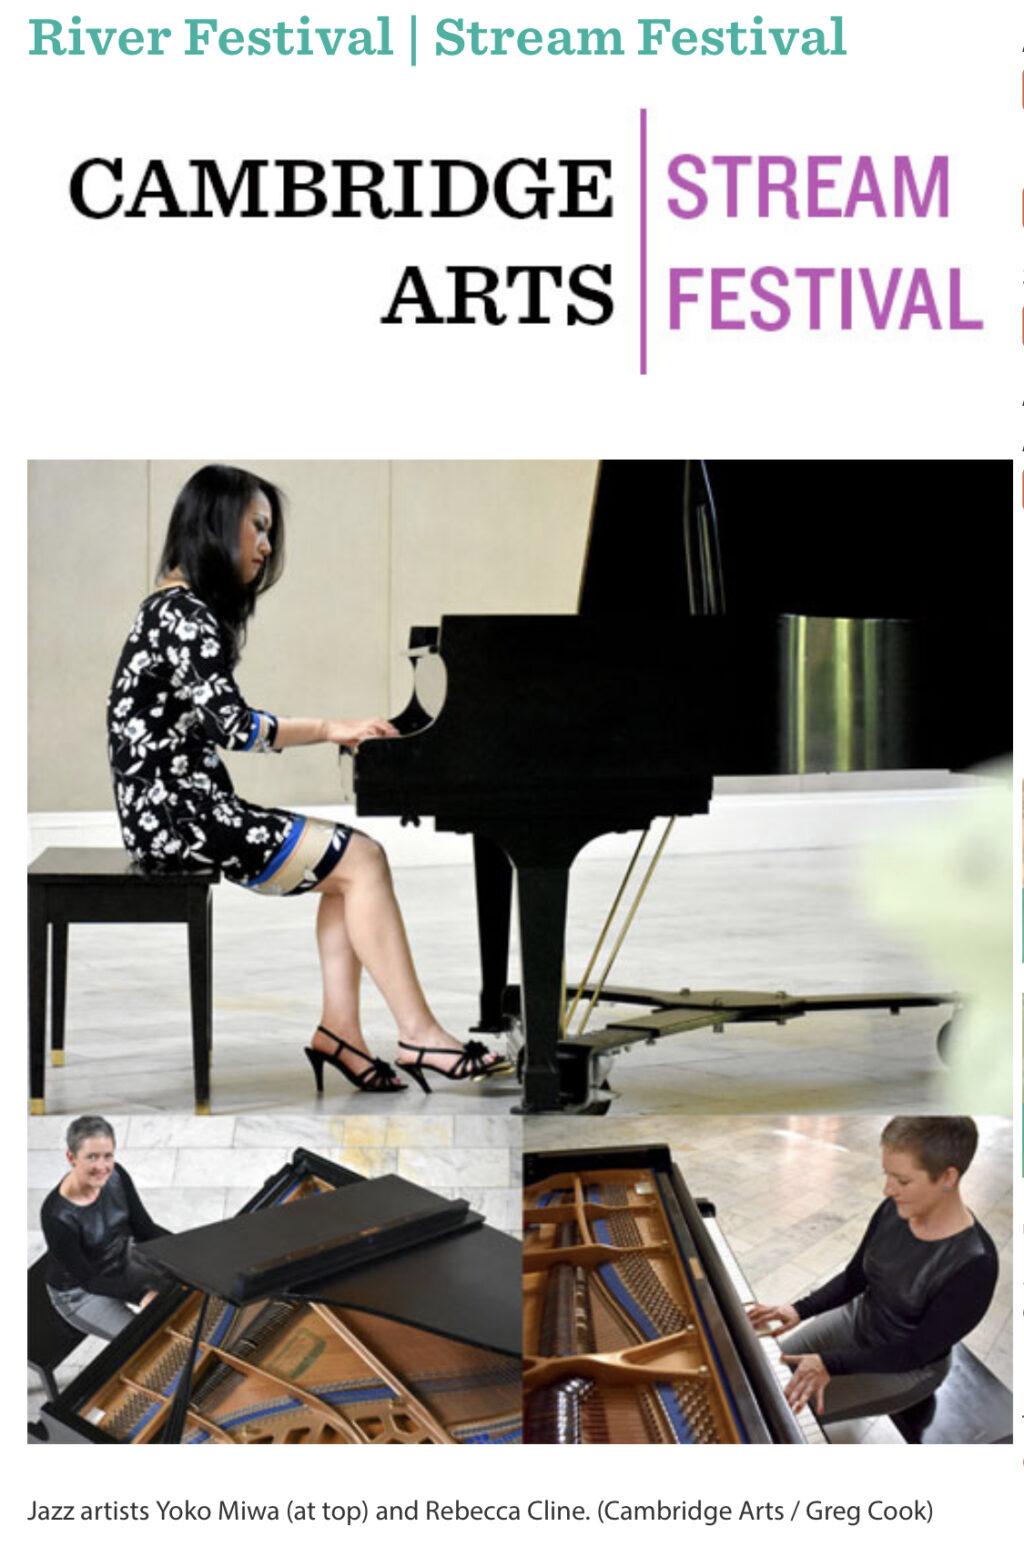 Yoko Miwa Trio at the Cambridge Arts Stream Festival